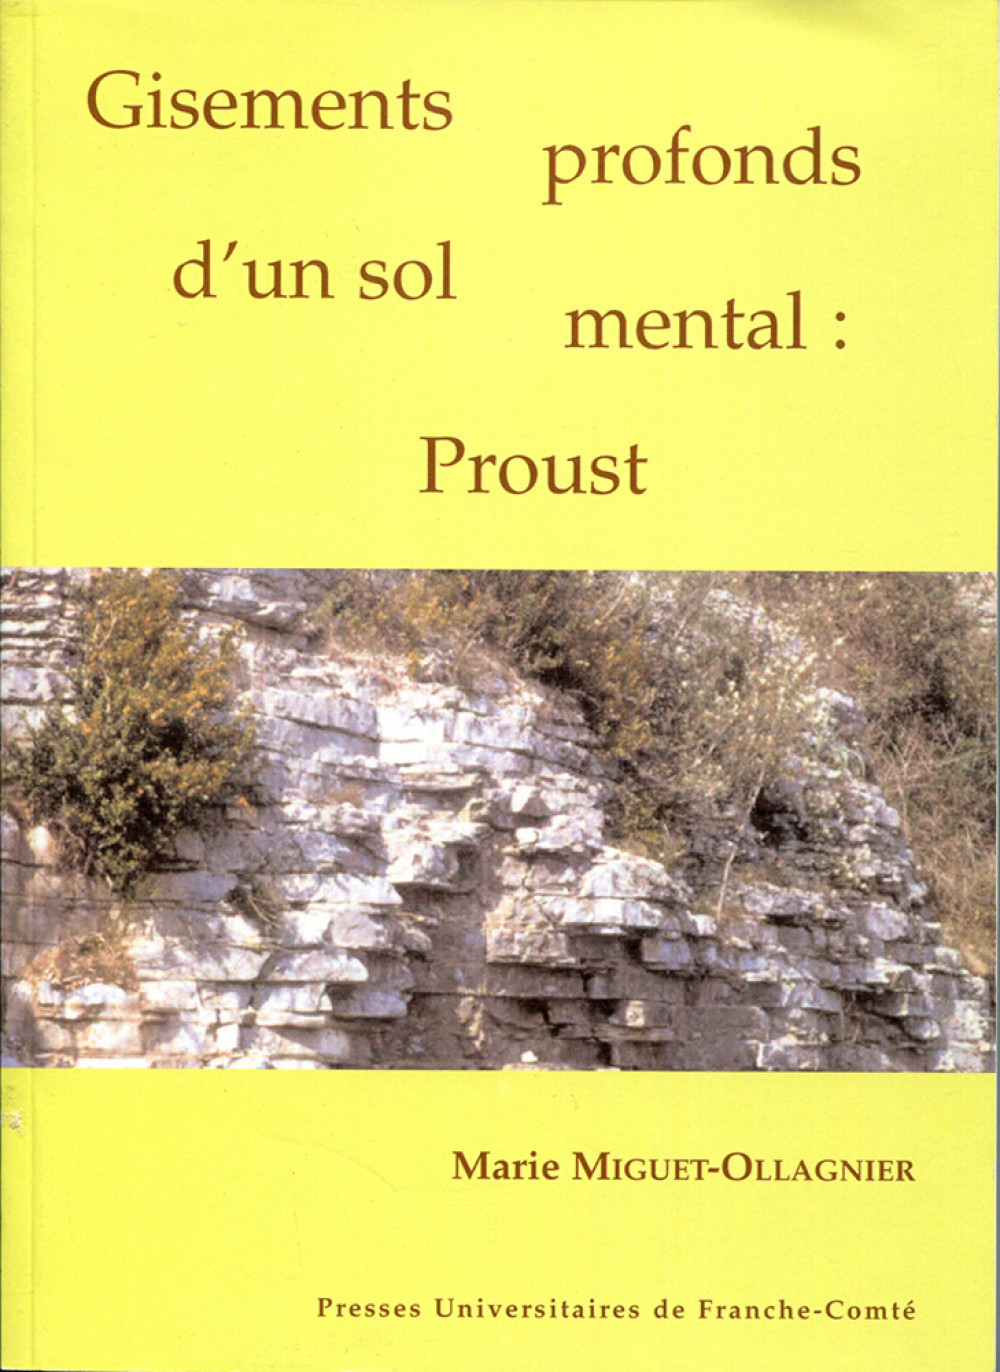 Gisements profonds d'un sol mental : Proust